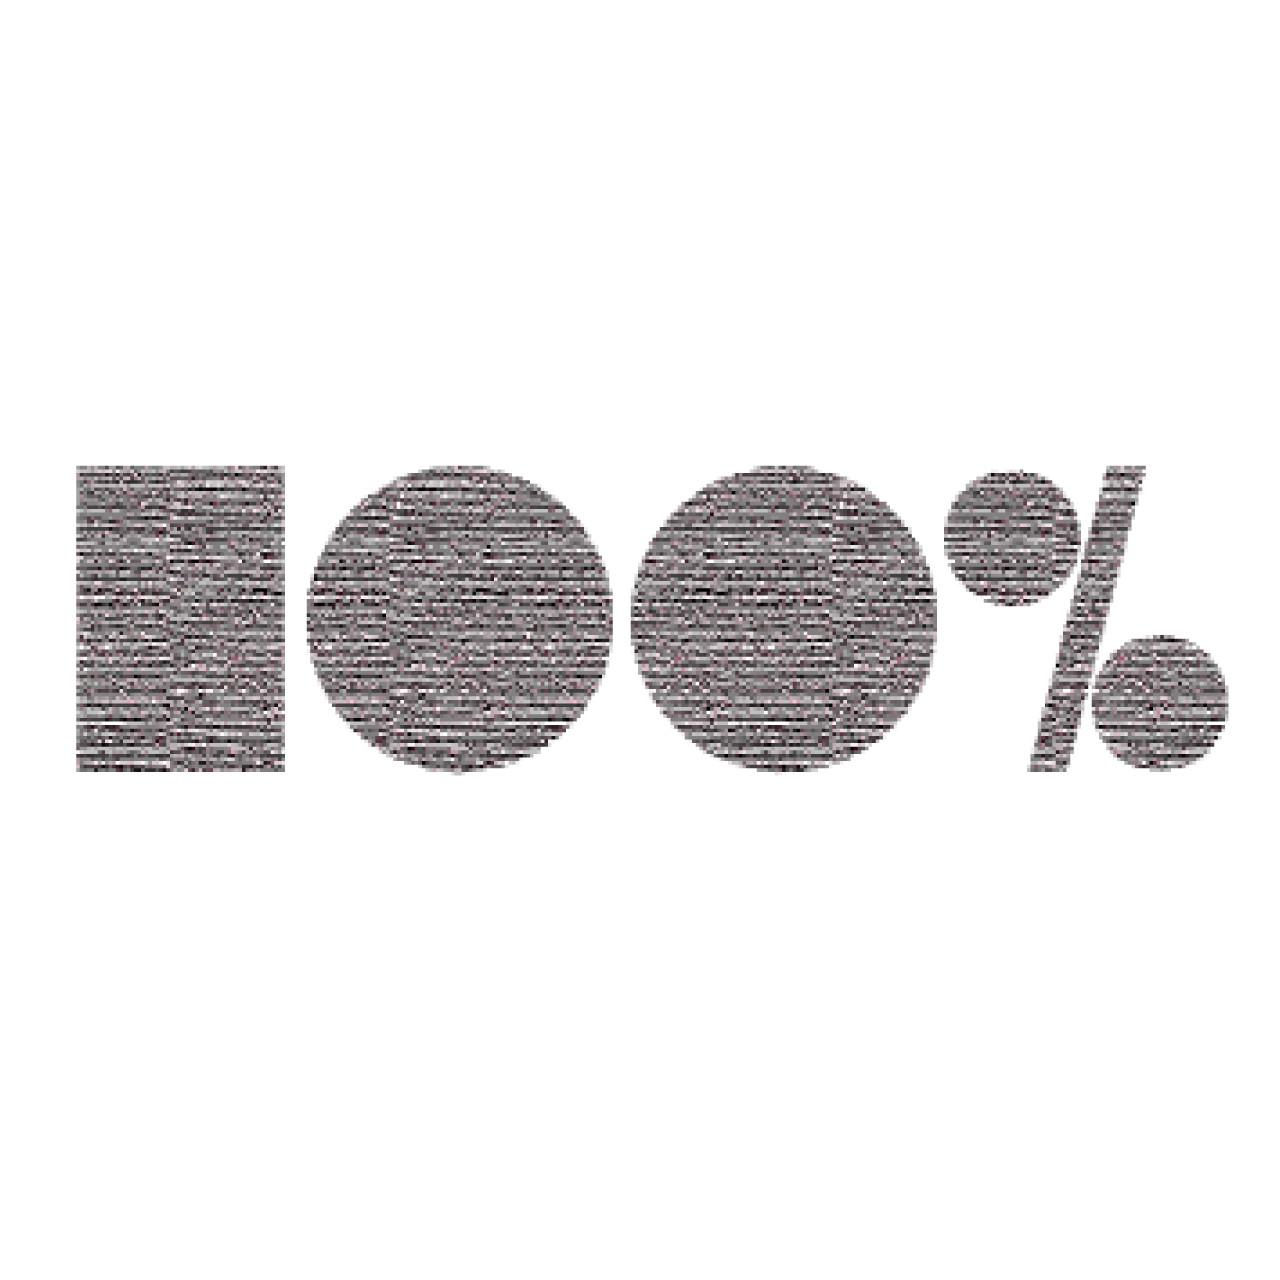 (c) 100-percent.co.uk